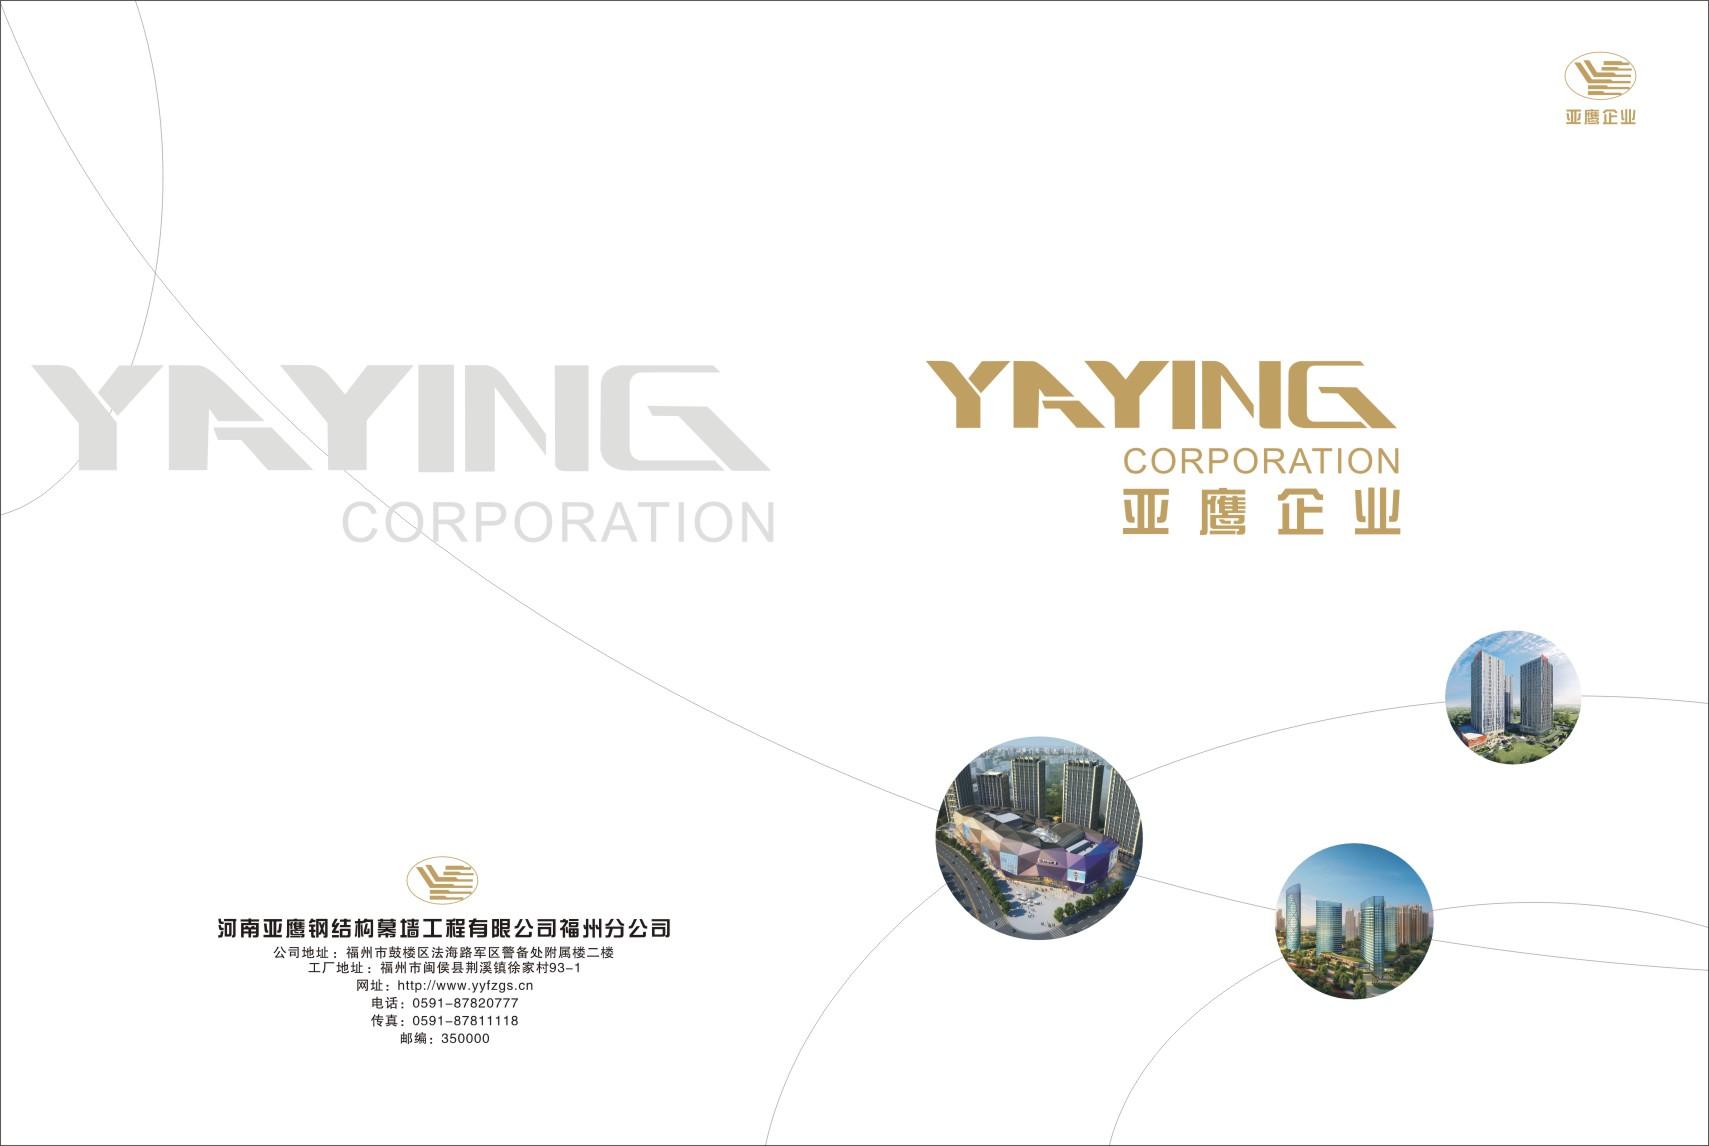 河南亚鹰钢结构幕墙工程有限公司福州分公司